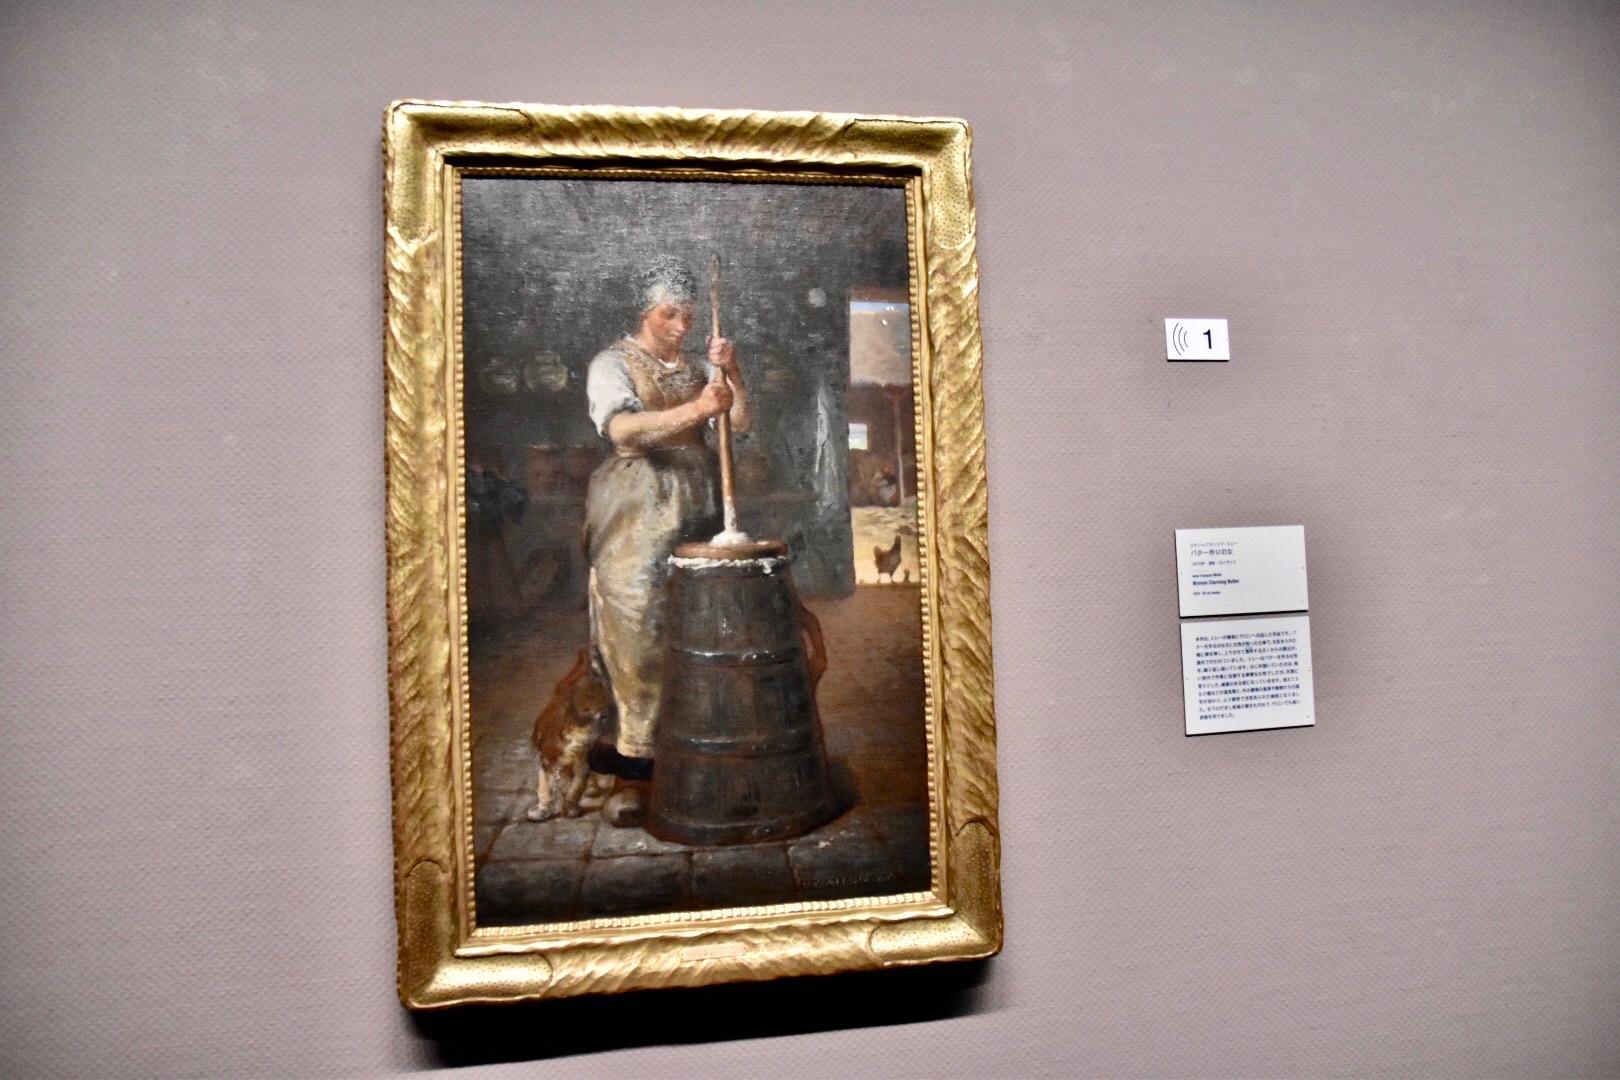 ジャン=フランソワ・ミレー 《バター作りの女》 1870年 吉野石膏コレクション